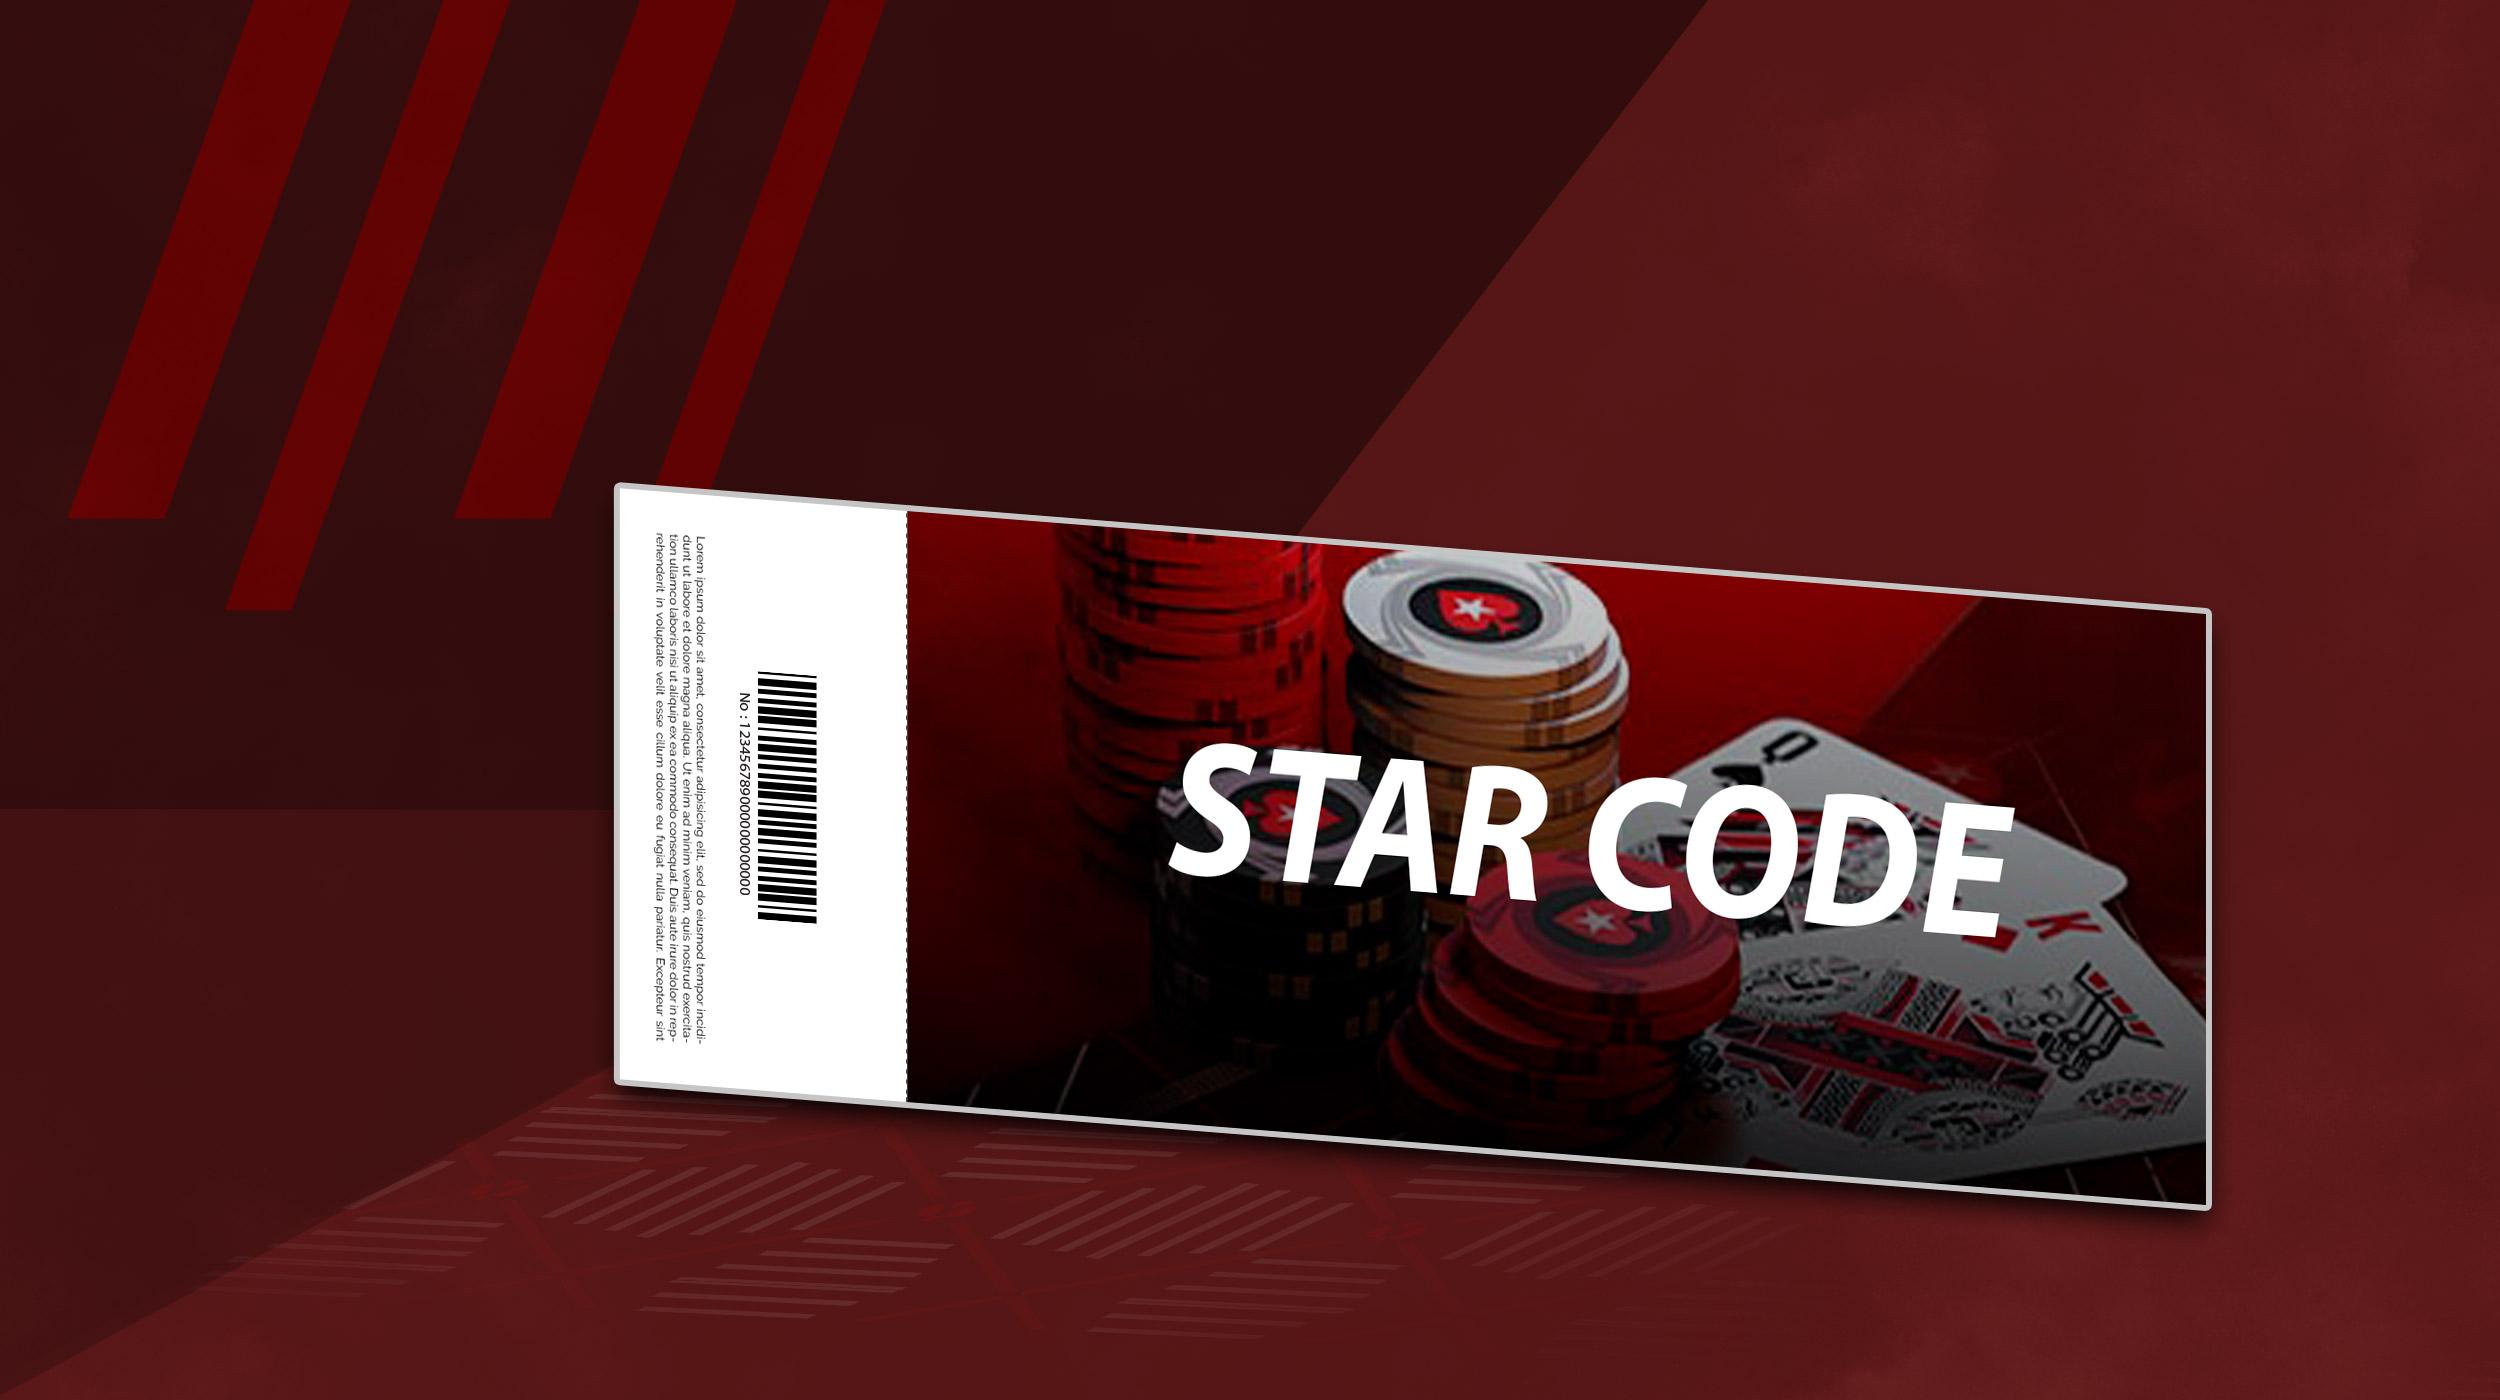 Star коды для получения бонусов в руме Pokerstars.